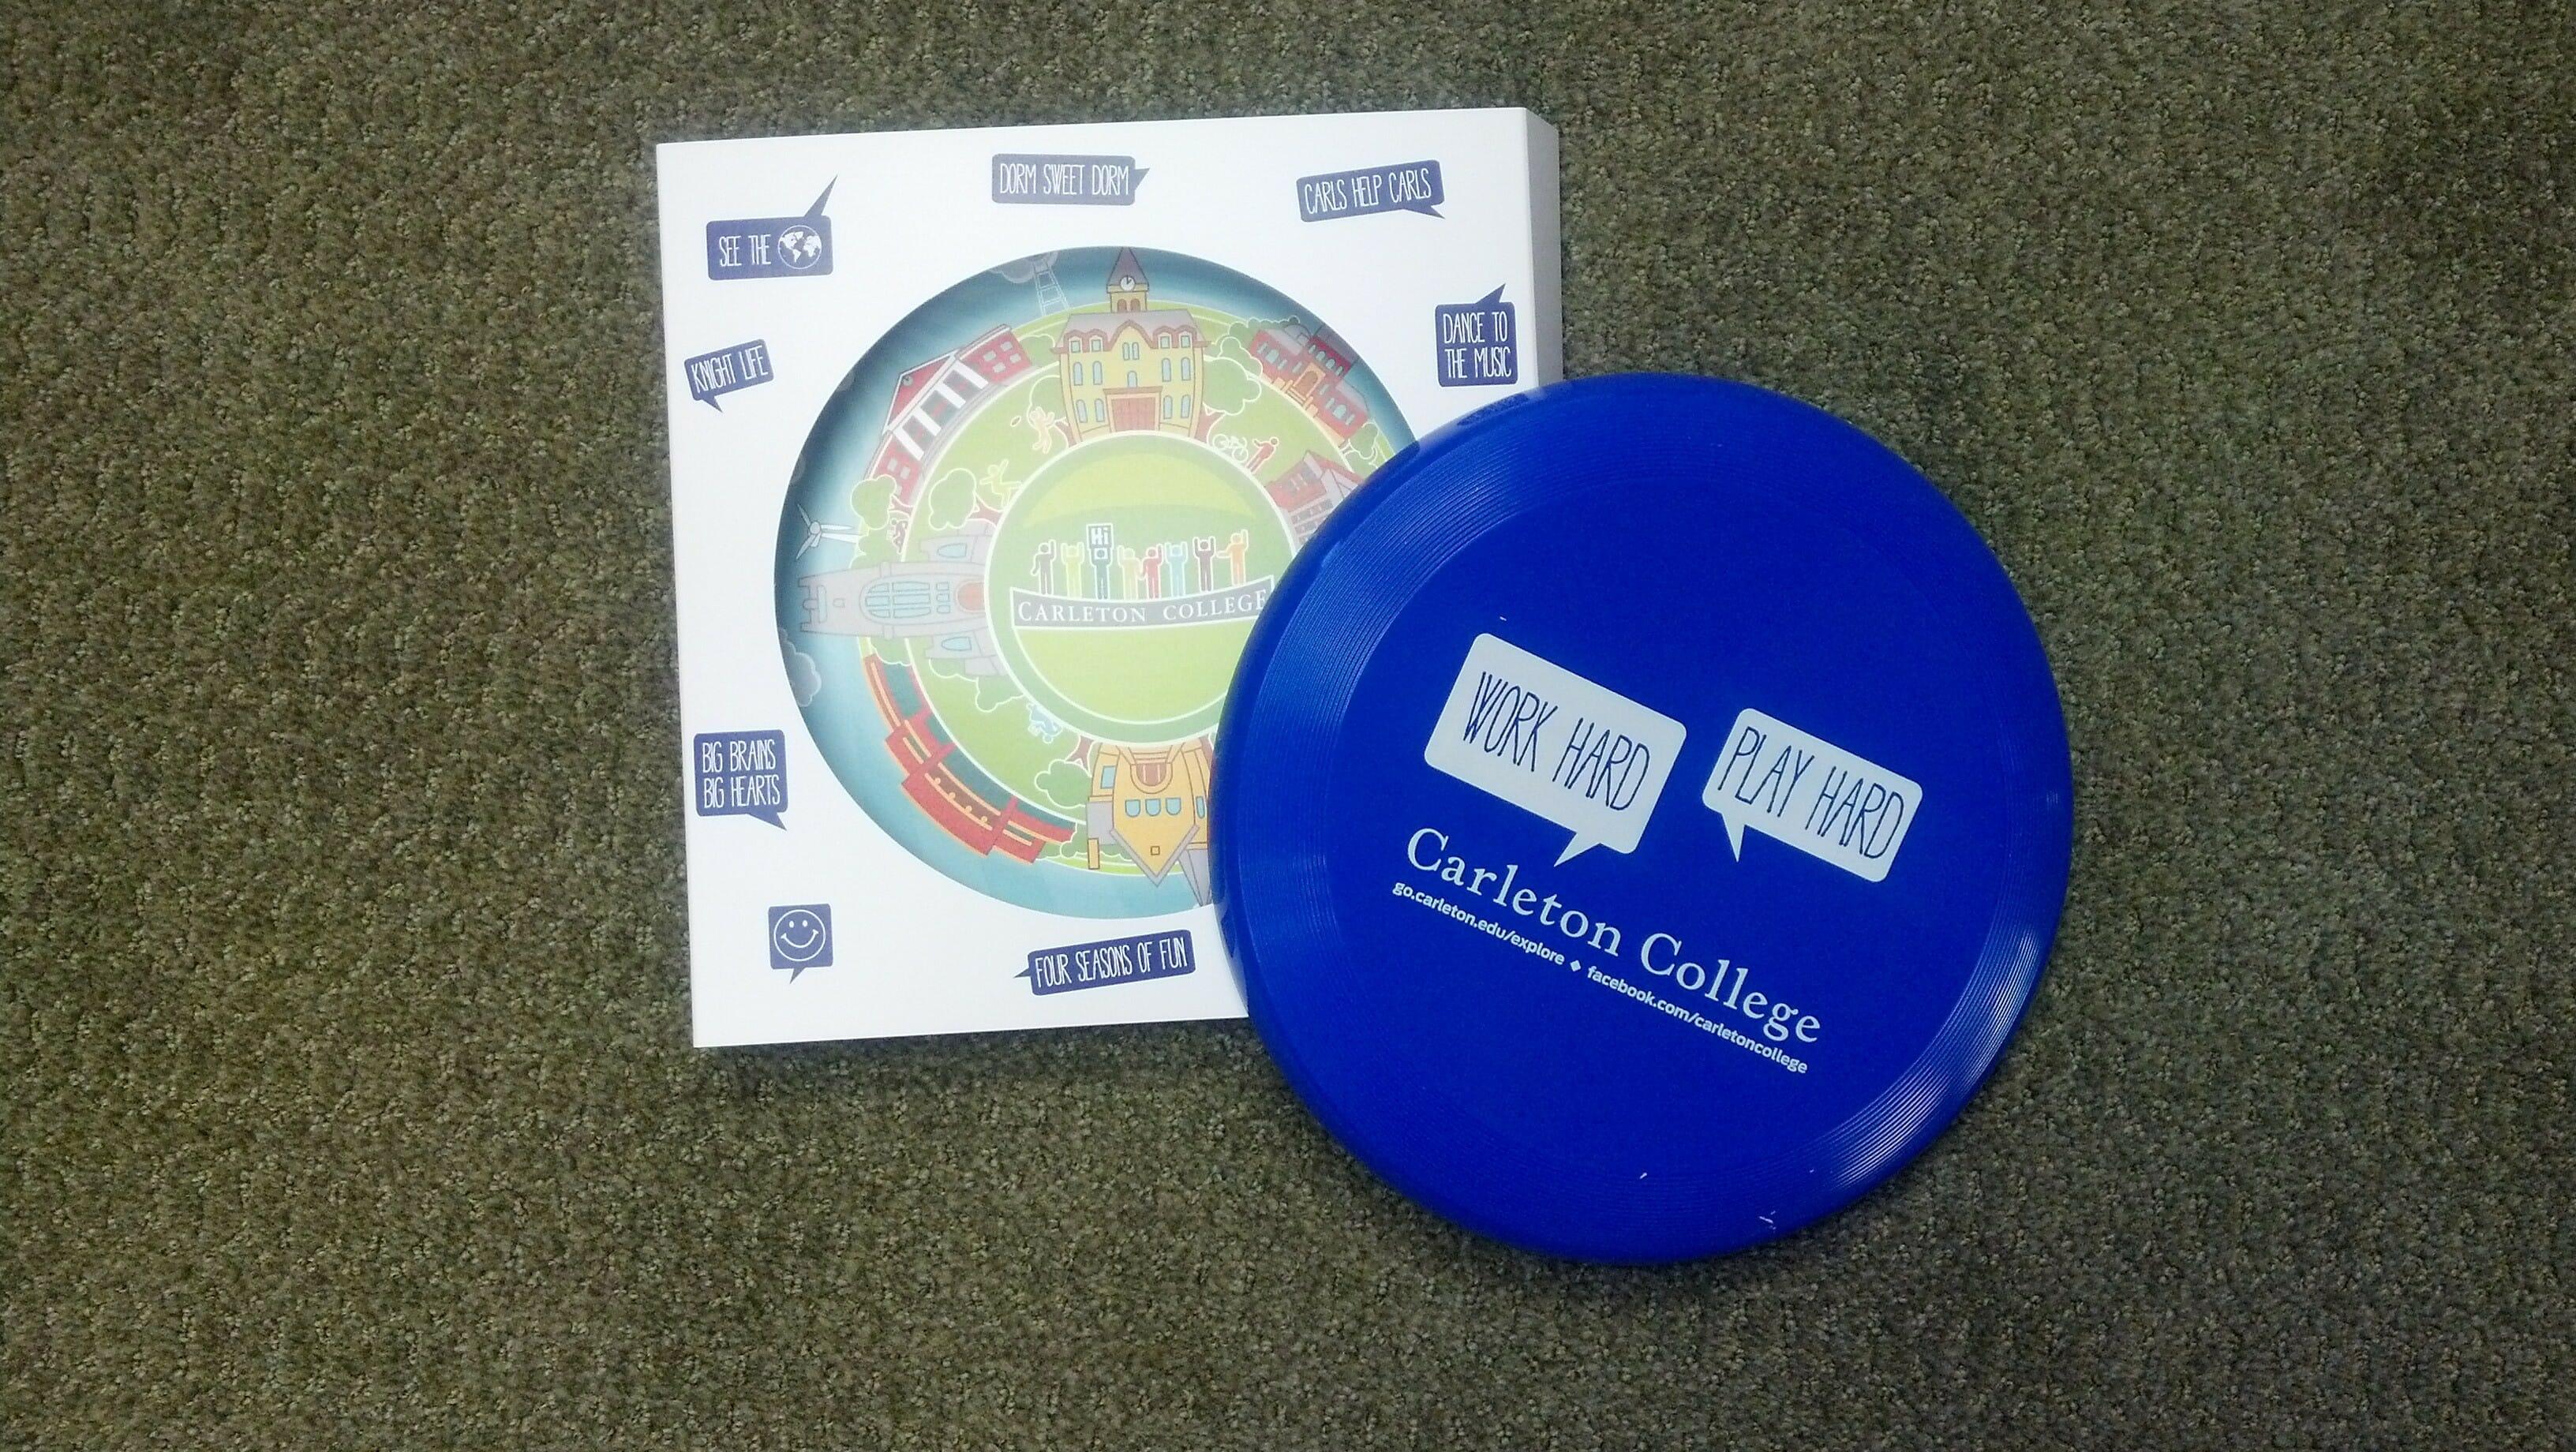 Carleton Recruiting Frisbee